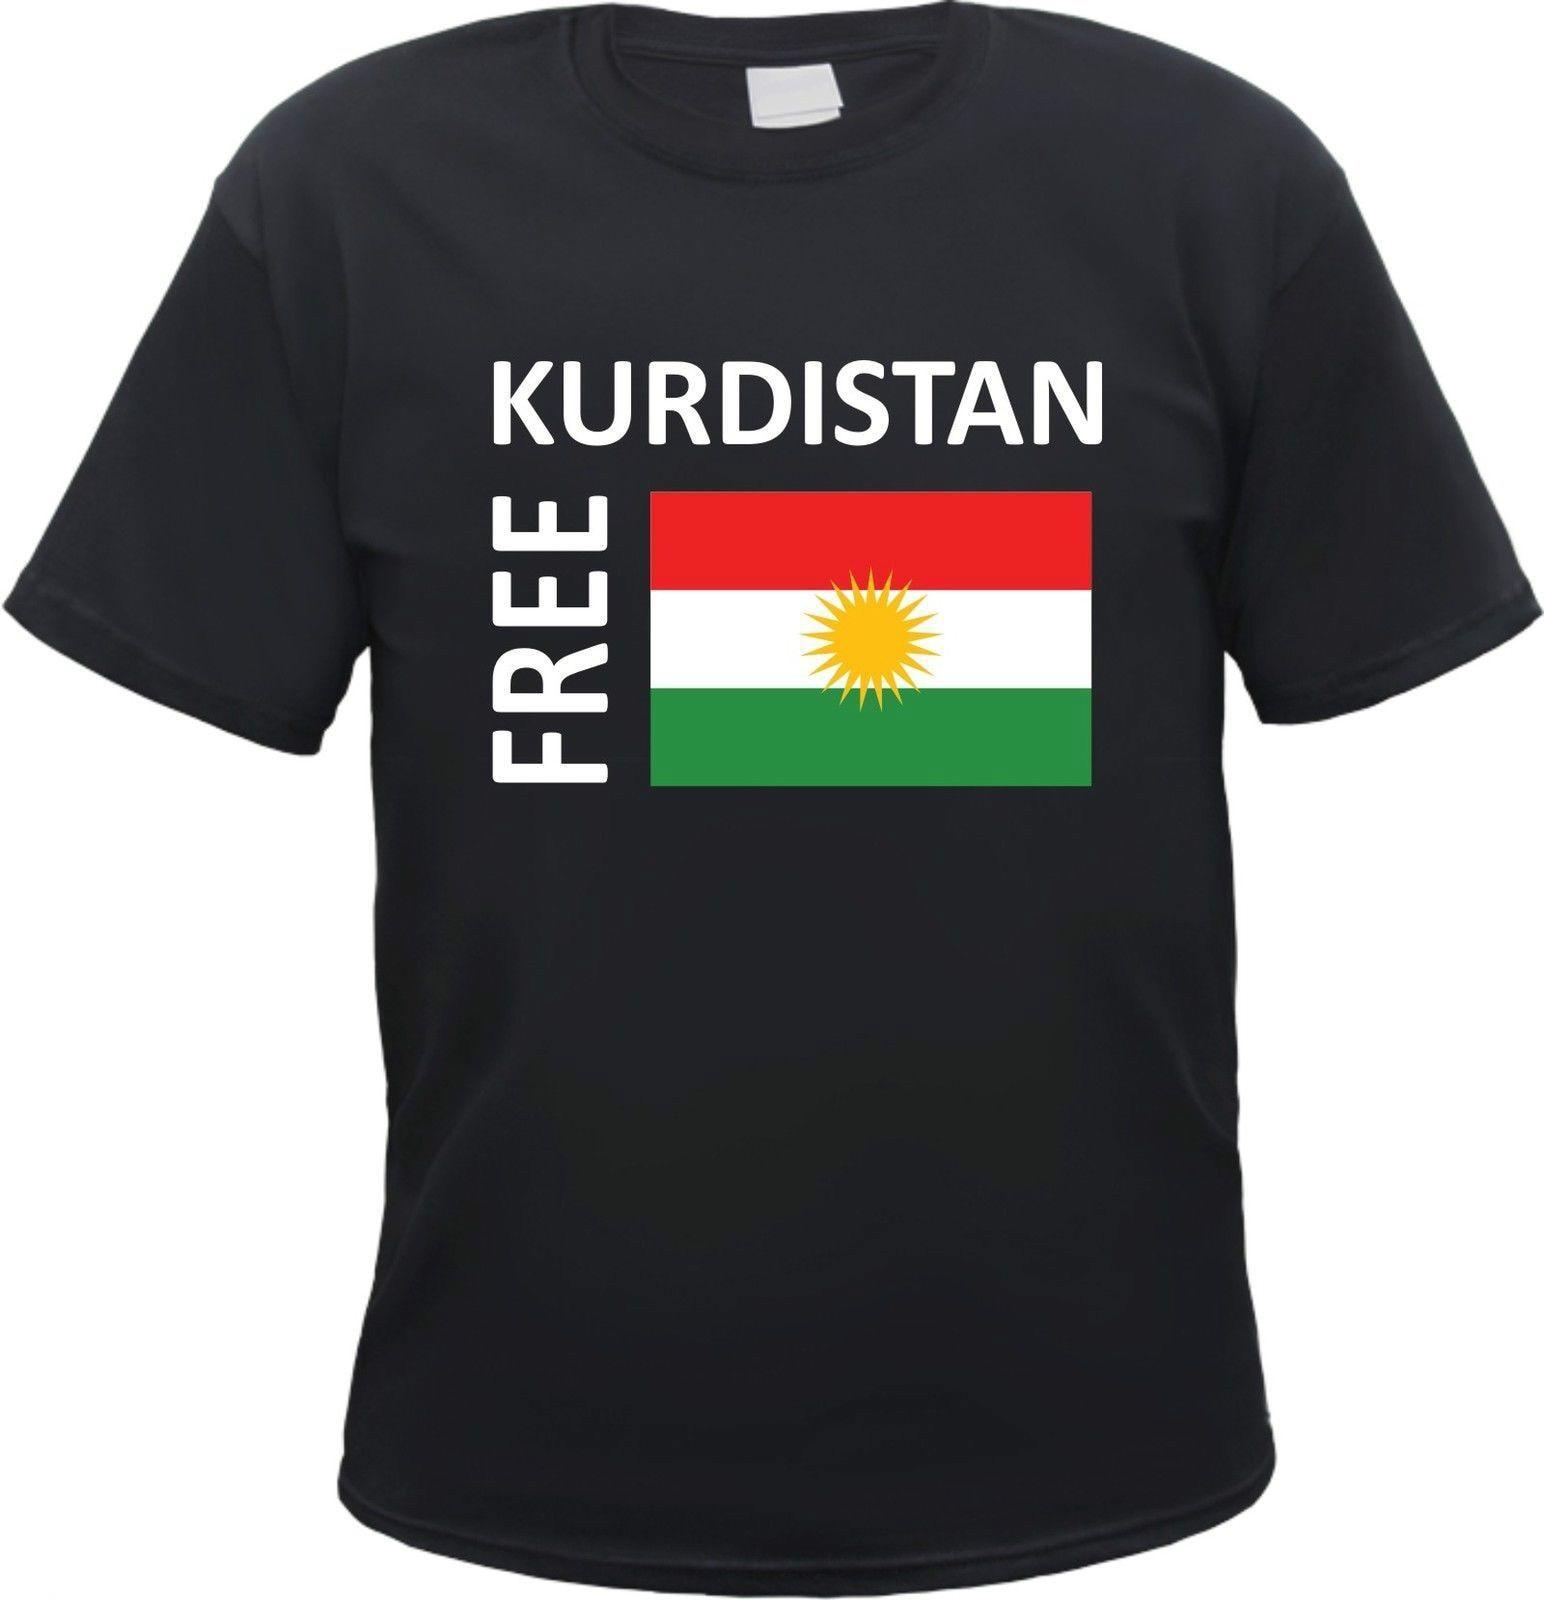 حر كردستان تي شيرت-طباعة نص/علم-S 3XL-Kobane